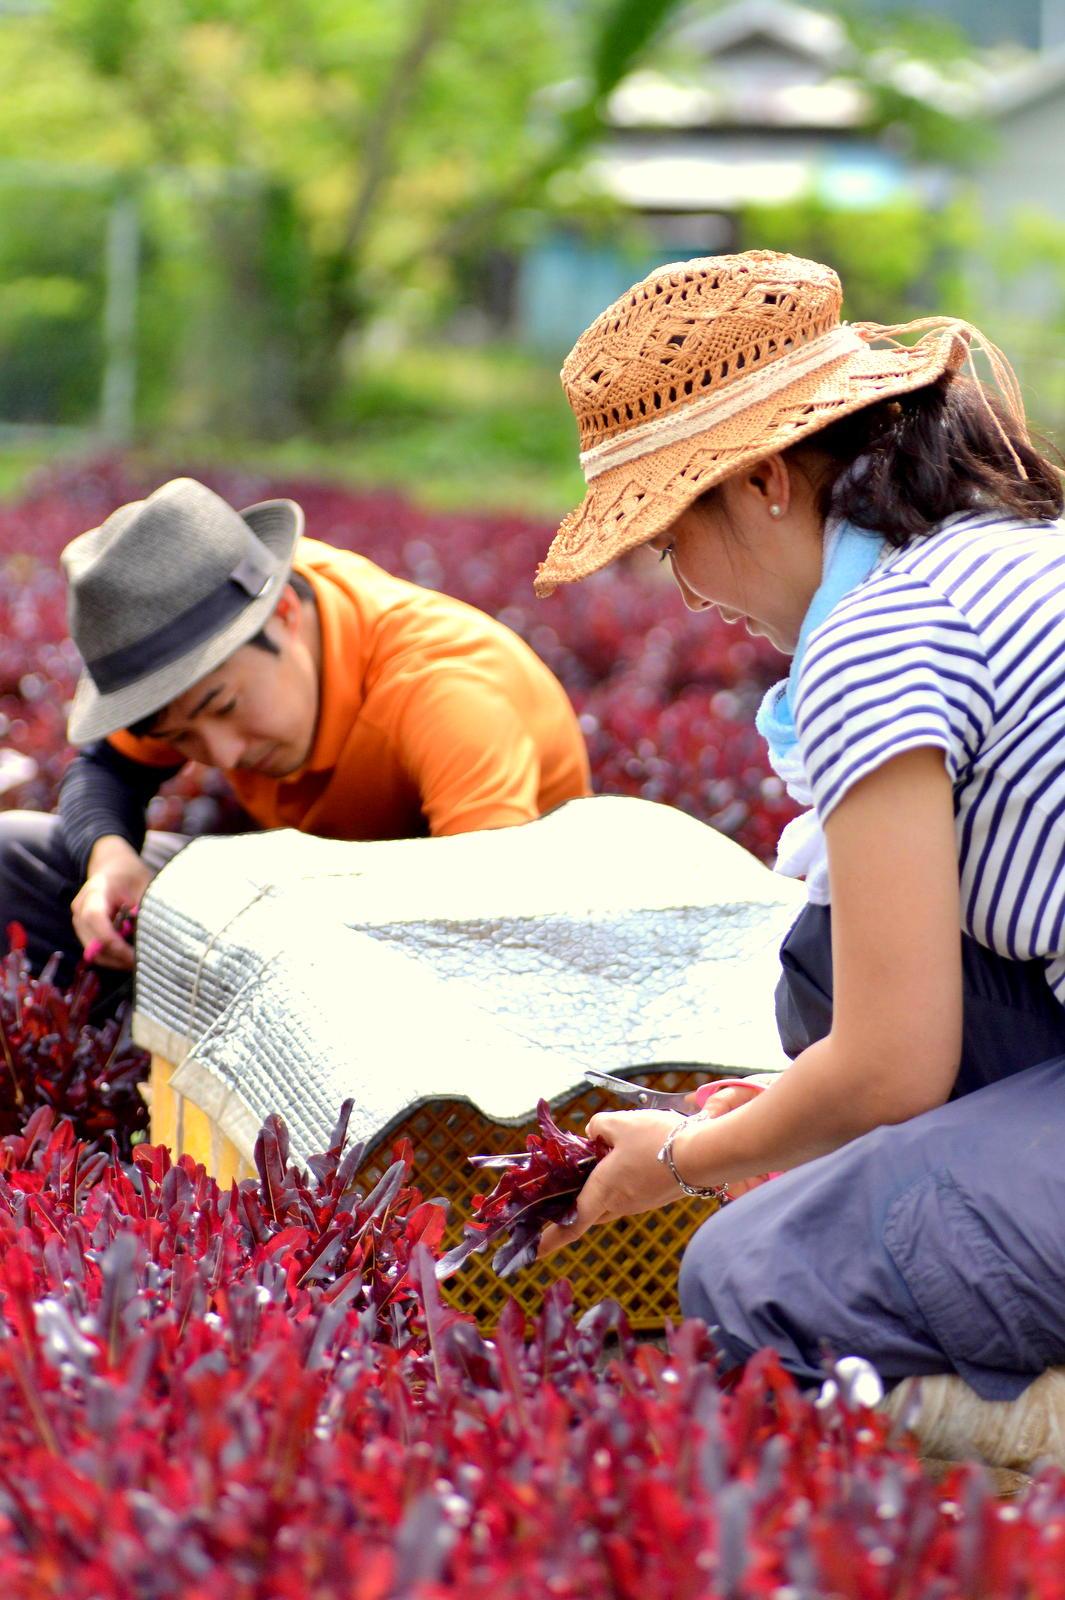 手作業での収穫